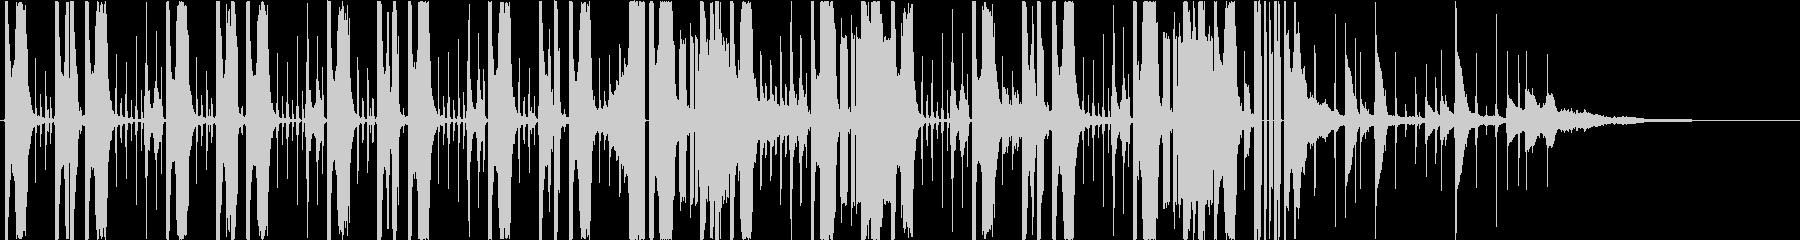 短縮版】EDM チル 落ち着き 切なさ の未再生の波形